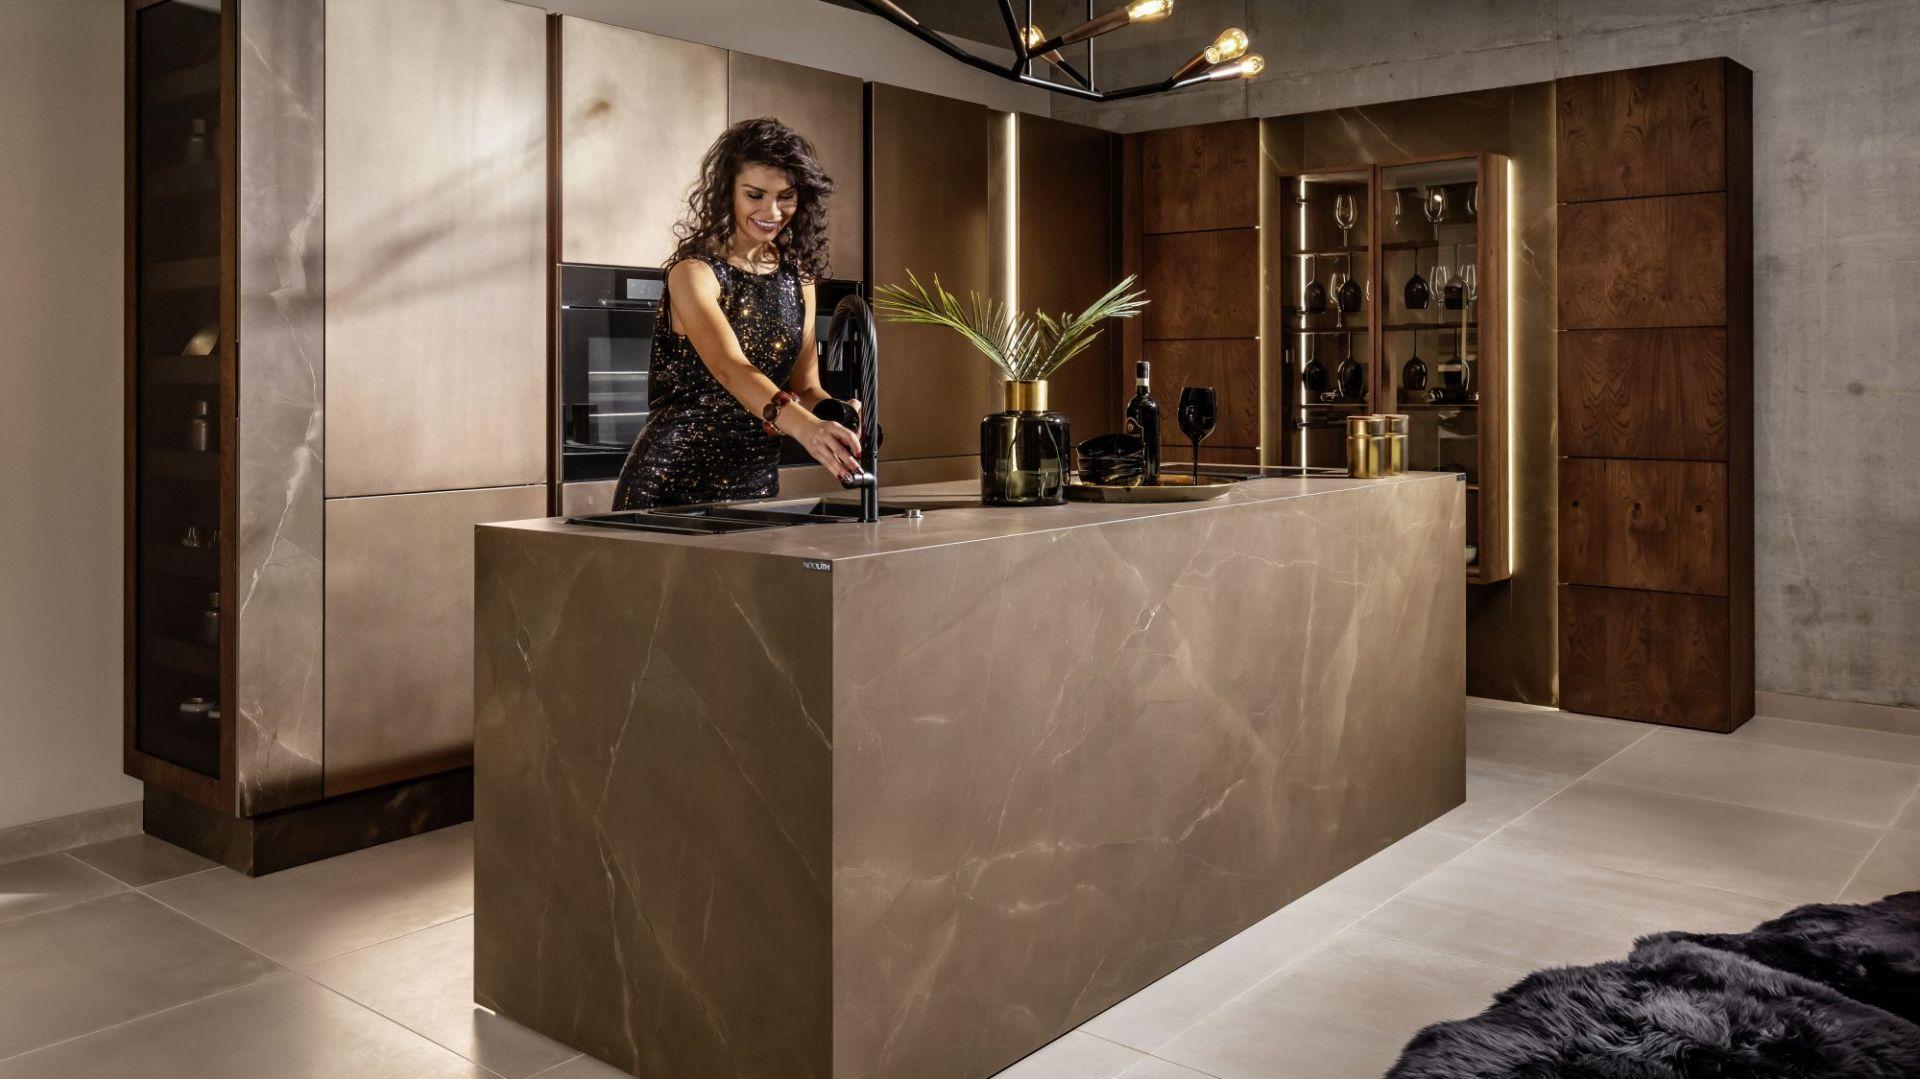 """Wyspa kuchenna. Jednym z najpopularniejszych sposobów na podkreślenie umownej granicy między przestrzenią kuchni a salonem jest zaprojektowanie wyspy. Wystarczy tylko dysponować pomieszczeniem o odpowiednio dużym metrażu i projektem, który dostosuje przebieg wszystkich niezbędnych instalacji do wymogów tego typu rozwiązania. W zależności od potrzeb domowników wyspa kuchenna równie dobrze może stać się strefą gotowania, zmywania lub przechowywania. Na zdjęciu: kuchnia """"Maronne"""" firmy Halupczok Kuchnie i Wnętrza. Fot. Halupczok Kuchnie i Wnętrza"""